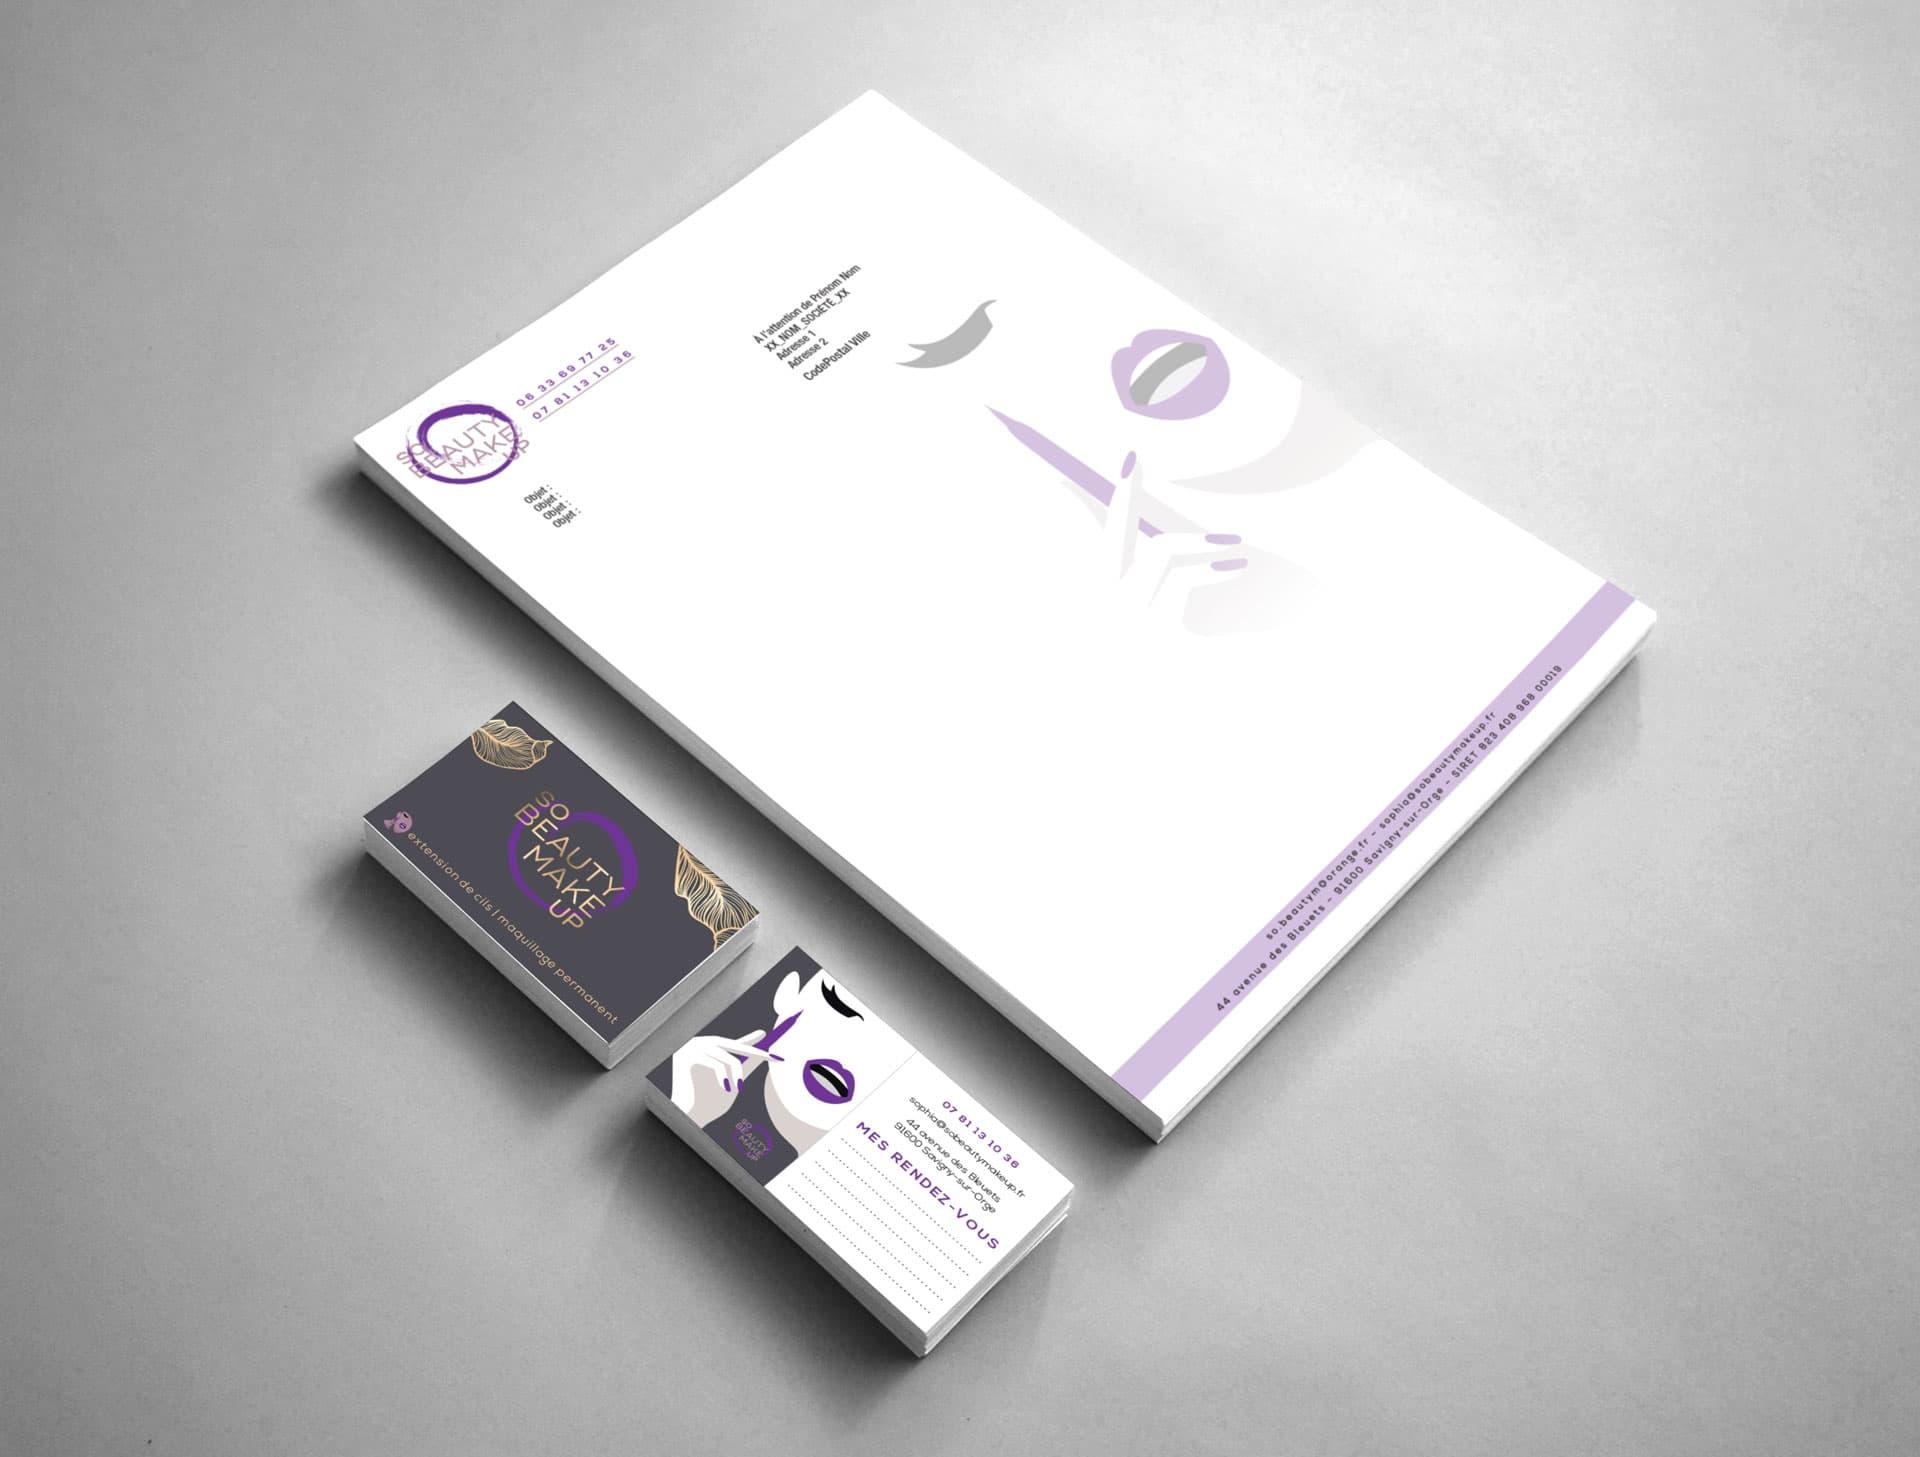 Identité du So Beauty Make up avec carte de visite, lettre en tête et logo